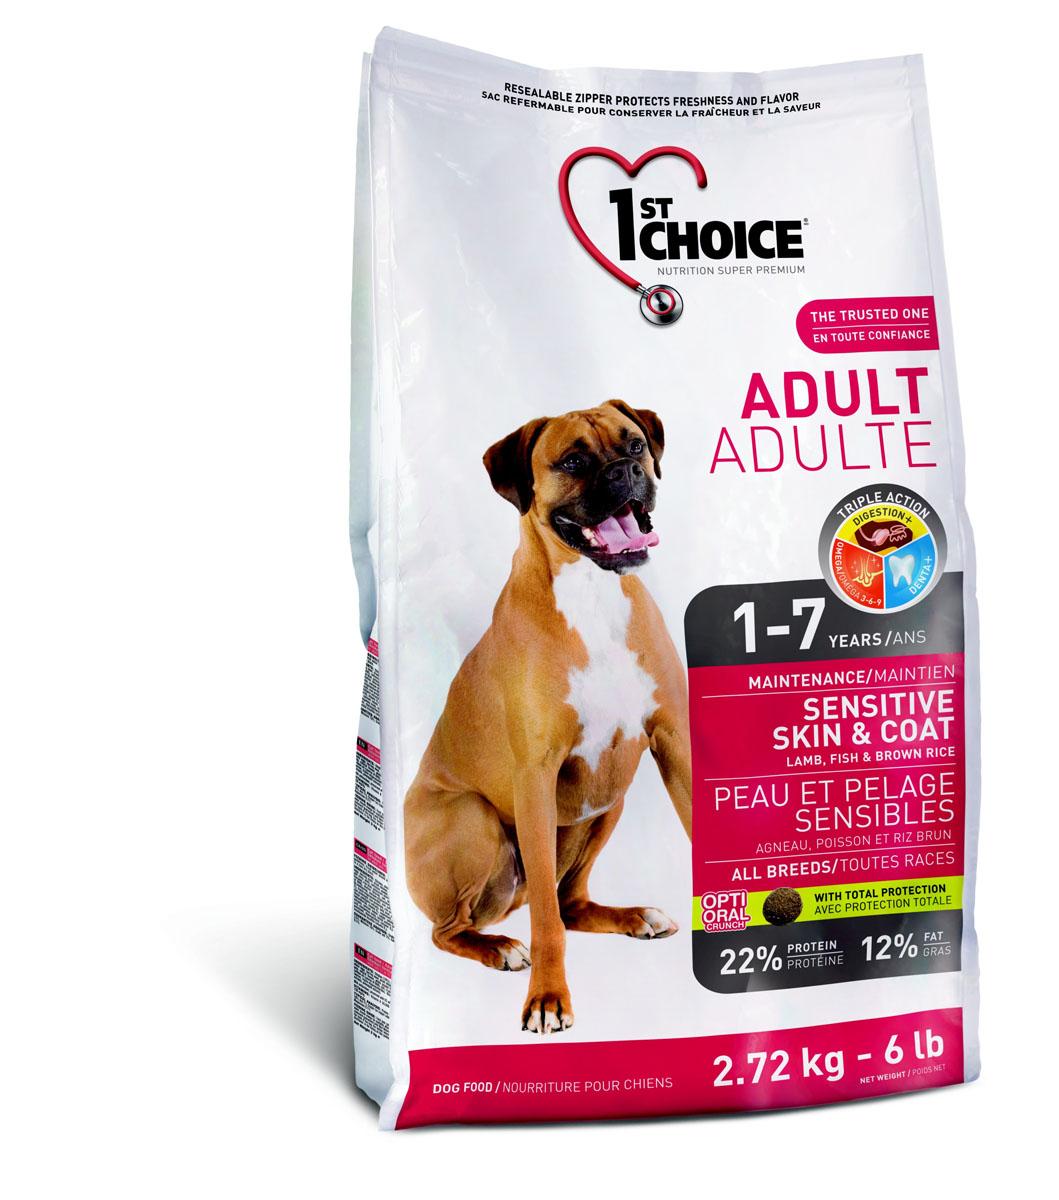 Корм сухой 1st Choice Sensitive Skin & Coat для взрослых собак с чувствительной кожей и шерстью, с ягненком, рыбой и рисом, 7 кг56685Сухой корм 1st Choice Sensitive Skin & Coat предназначен для взрослых собак с чувствительной кожей и шерстью. Ягненок и рыба (потенциально гипоаллергенные источники протеина) - главные ингредиенты этой сбалансированной и очень вкусной формулы.Добавление натуральных пребиотиков, таких как экстракт цикория - источник инулина (фруктоолигосахарид) и дрожжевой экстракт (маннан-олигосахариды) способствует росту и развитию полезной кишечной микрофлоры, которая укрепляет иммунную систему организма. Экстракт имбиря снижает тошноту и газообразование.Превосходное сочетание экстракта зеленого чая, быстрорастворимого витамина С, клетчатки, мяты и петрушки освежает дыхание и обеспечивает гигиену зубов и полости рта. Сочетание Омега -3-6-9 жирных кислот и L-цистина делают шерсть блестящей, а кожу здоровой.Ингредиенты: мука из мяса ягненка, мука из мяса сельди, коричневый рис, картофельная мука, перловая крупа, дробленый рис, овсяная крупа, растительное масло (источник Омего-6 жирных кислот) в качестве консерванта - смесь токоферолов (источник витамина Е), сушеная мякоть свеклы, сушеная мякоть томата, измельченная клетчатка, цельное семя льна (источник Омего-3 жирных кислот), лецитин, гидролизат куриной печени, жир сельди, мононатрийфосфат, холинхлорид, кальция пропинат (в качестве консерванта), дрожжевой экстракт, аскорбиновая кистота (витамин С), таурин, экстракт цикория (источник инулина), сульфат железа, сульфат глюкозамина, оксид цинка, ацетат альфа-токоферола (источник витамина Е), хондроитин сульфа, экстракт Юкки Шидигера Yucca, протеинат железа, протеинат цинка, селенит натрия, мононитрат тиамина, сушеные водоросли, экстракт зелёного чая, сушеная мята, сушеная петрушка, L-цистин, сульфат меди, йодат кальция, пиридоксина гидрохлорид, оксид марганца, протеинат марганца, экстракт имбиря, никотиновая кислота, d-пантотенат кальция, супплемент витам